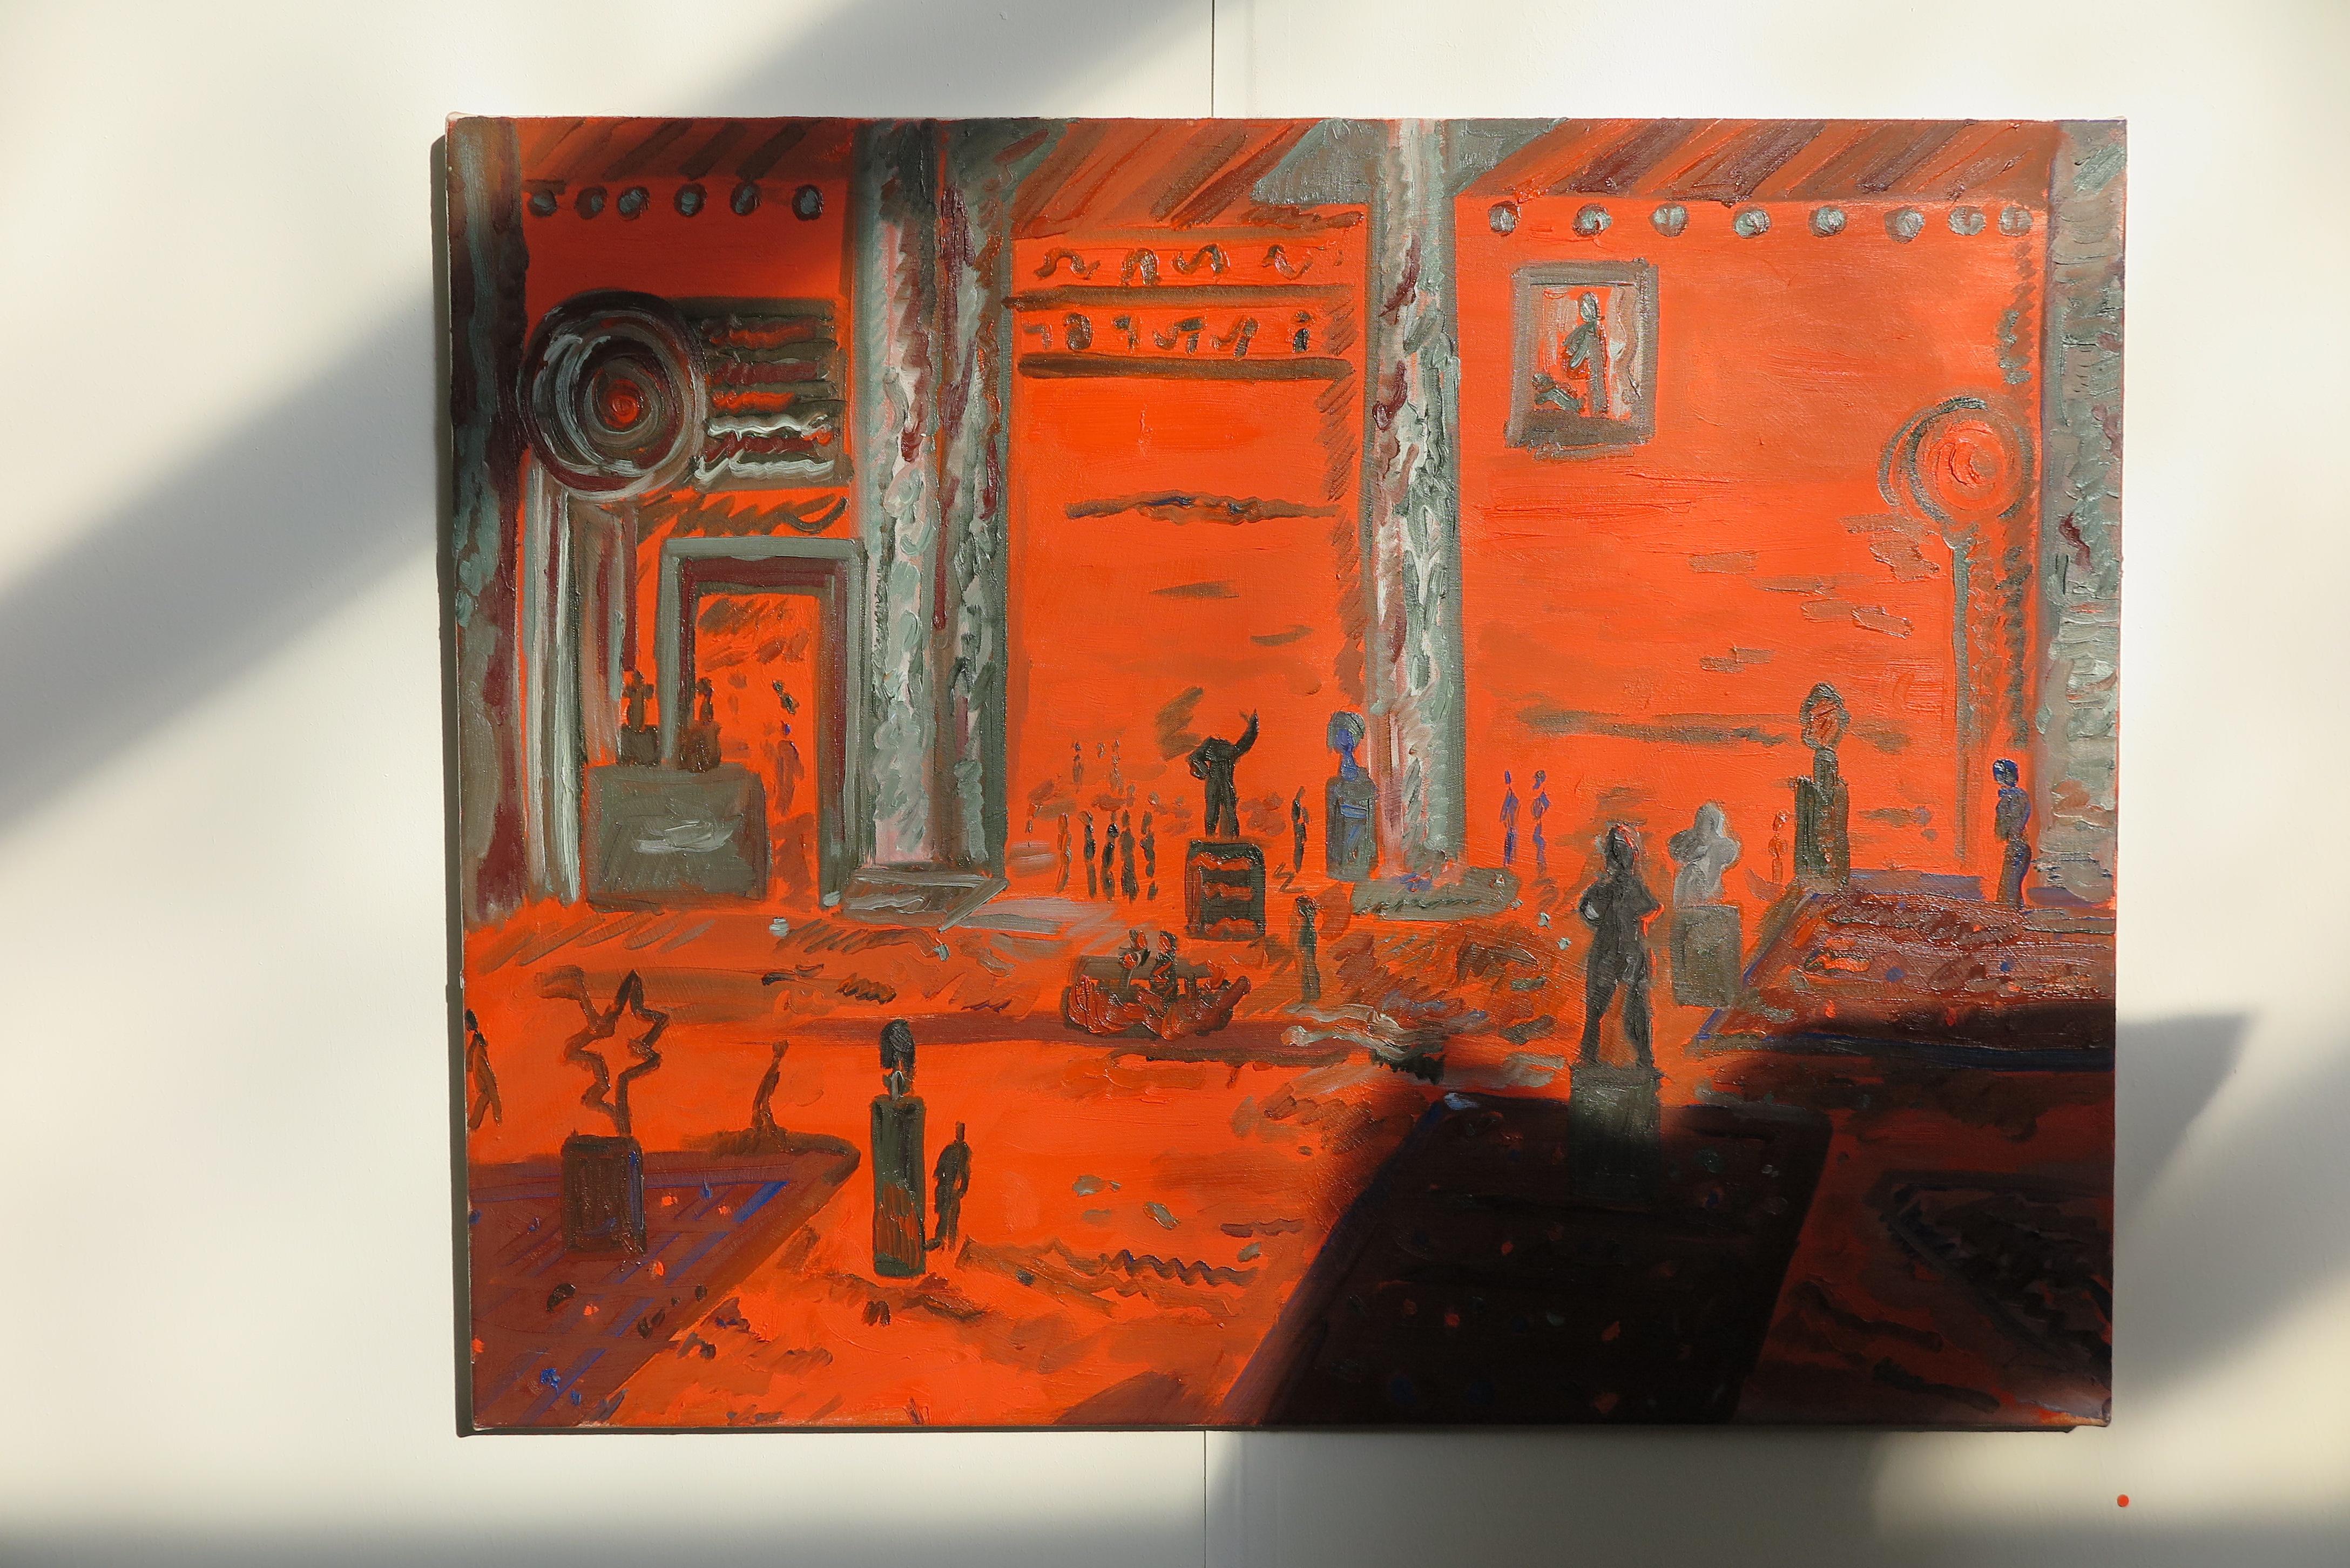 Galerie: Kers. Kunstenaar: Unknown artist (Commonities)